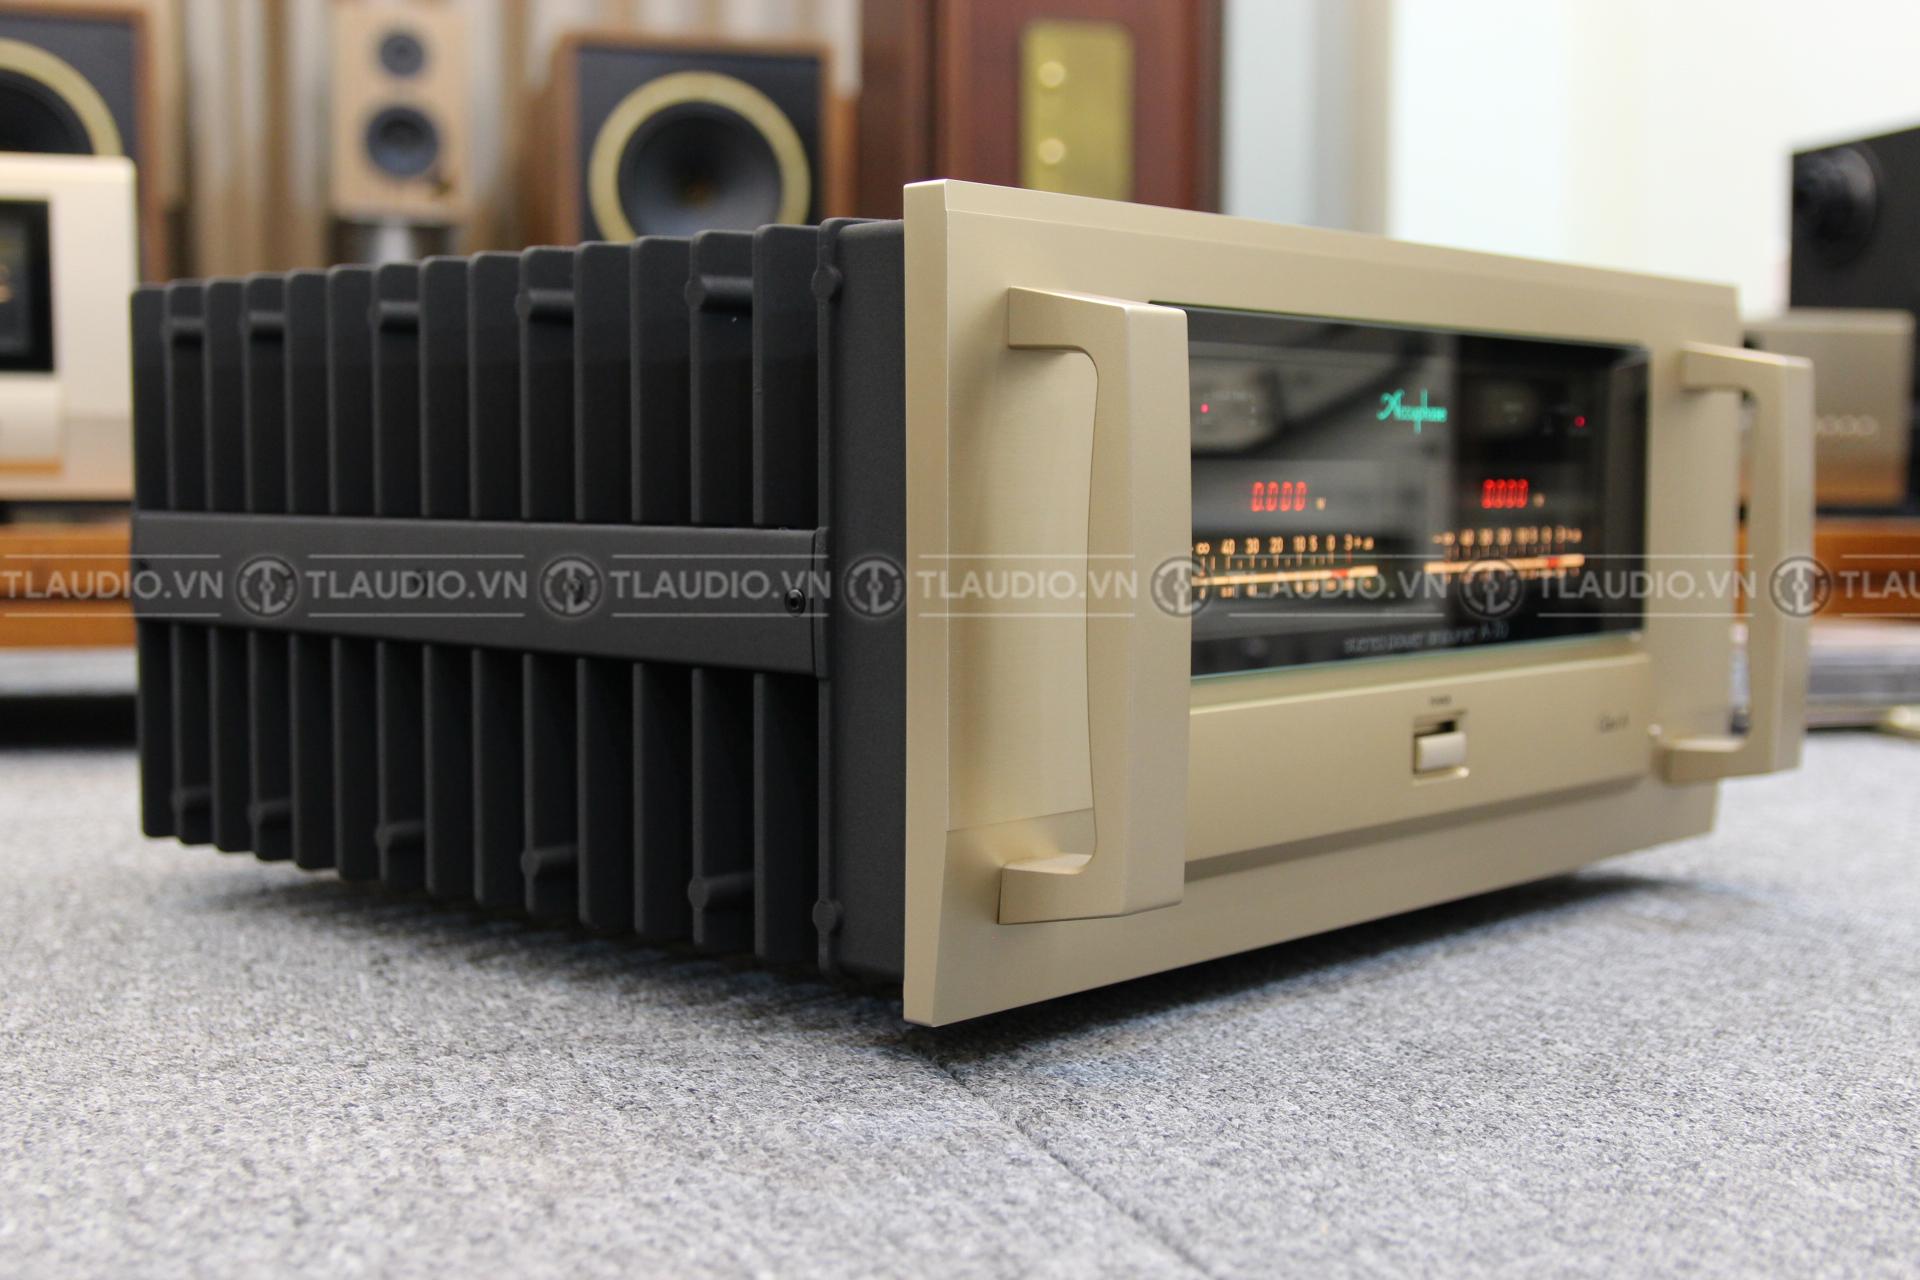 luxman c7,m7 giá rẻ nhất hà nội